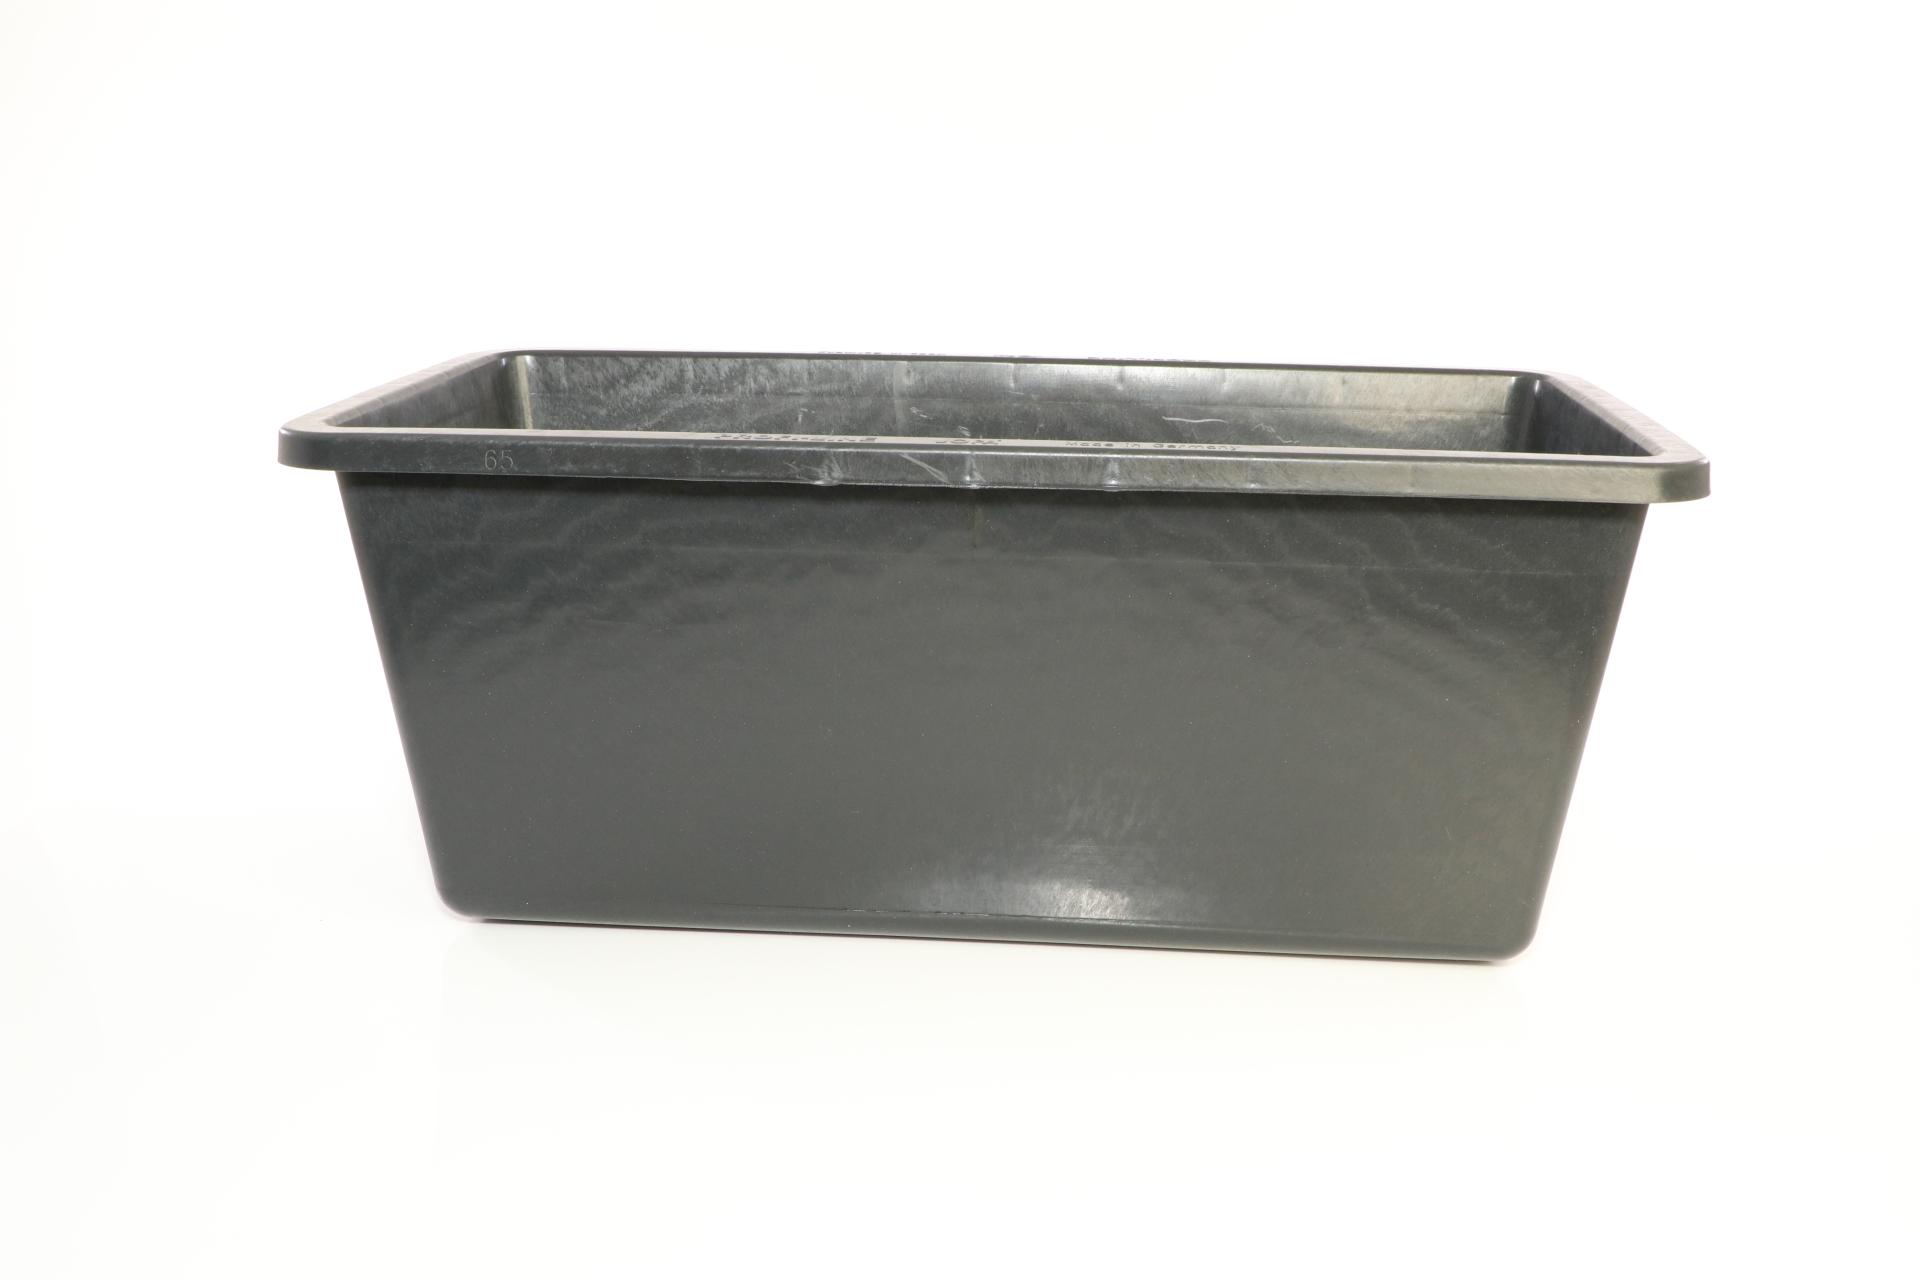 Mörtelkasten, Mörtelkübel, Mörtelwanne, Zementwanne, aus PVC, eckig, schwarz, 65 l